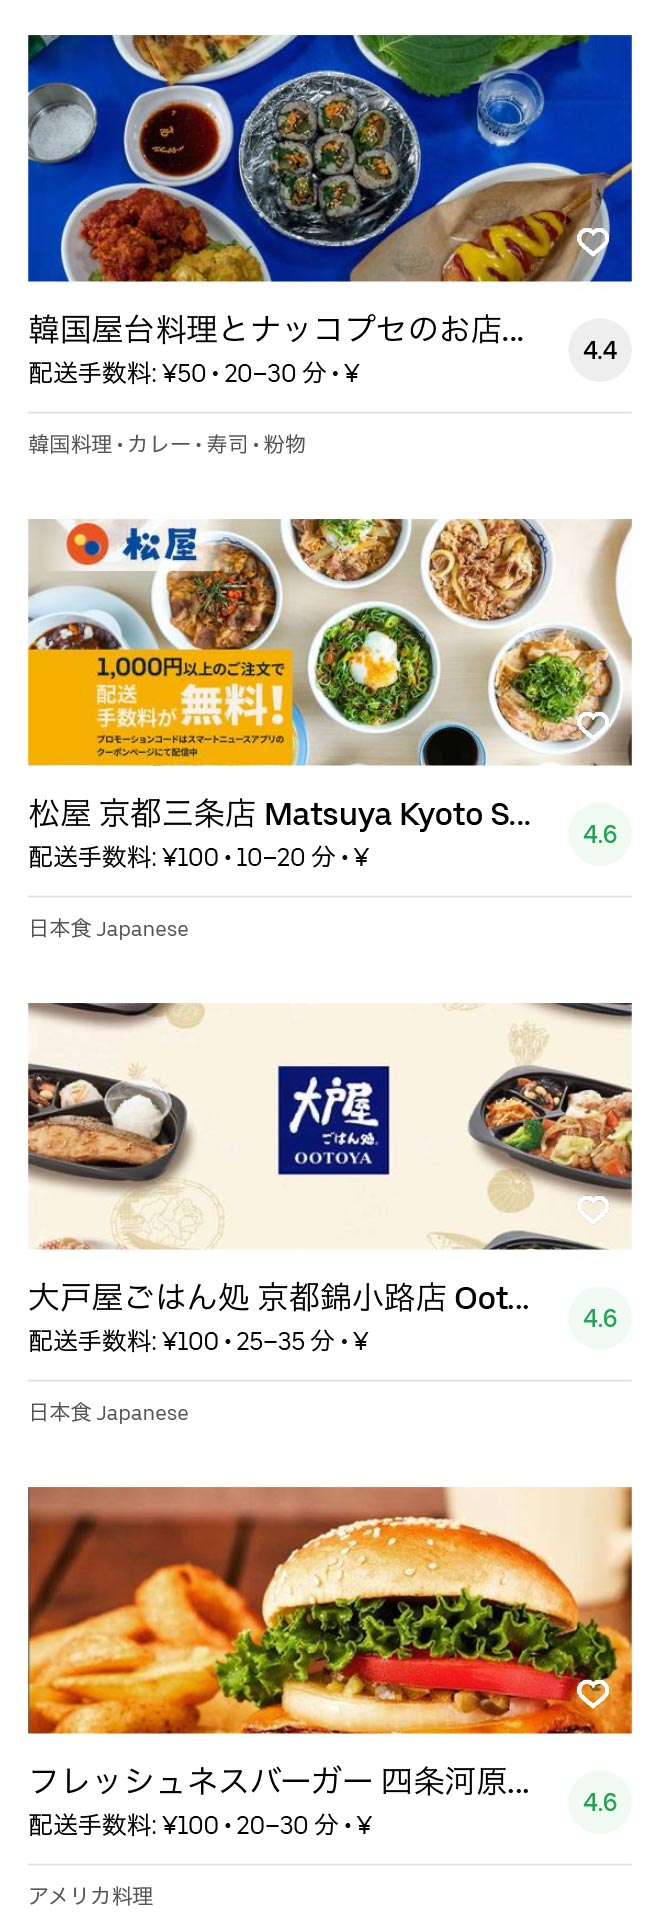 Kyoto karasuma menu 2005 08